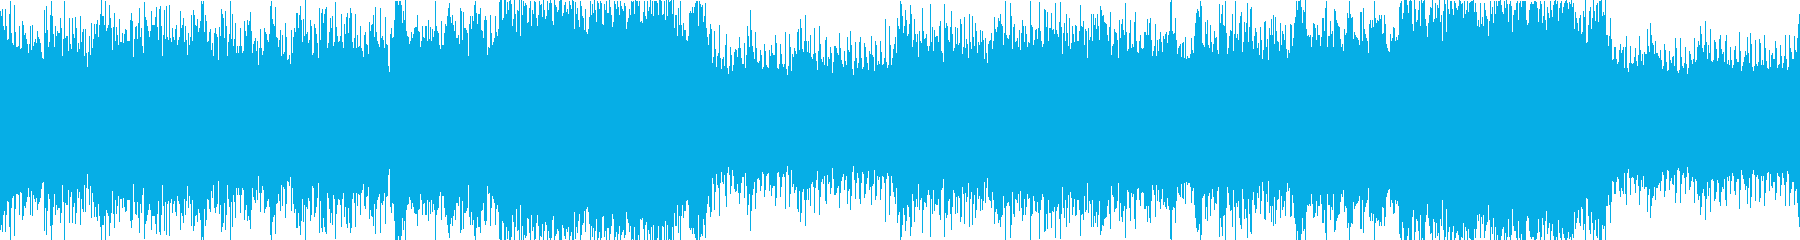 壮大なオーケストラ / RPG /ループの再生済みの波形